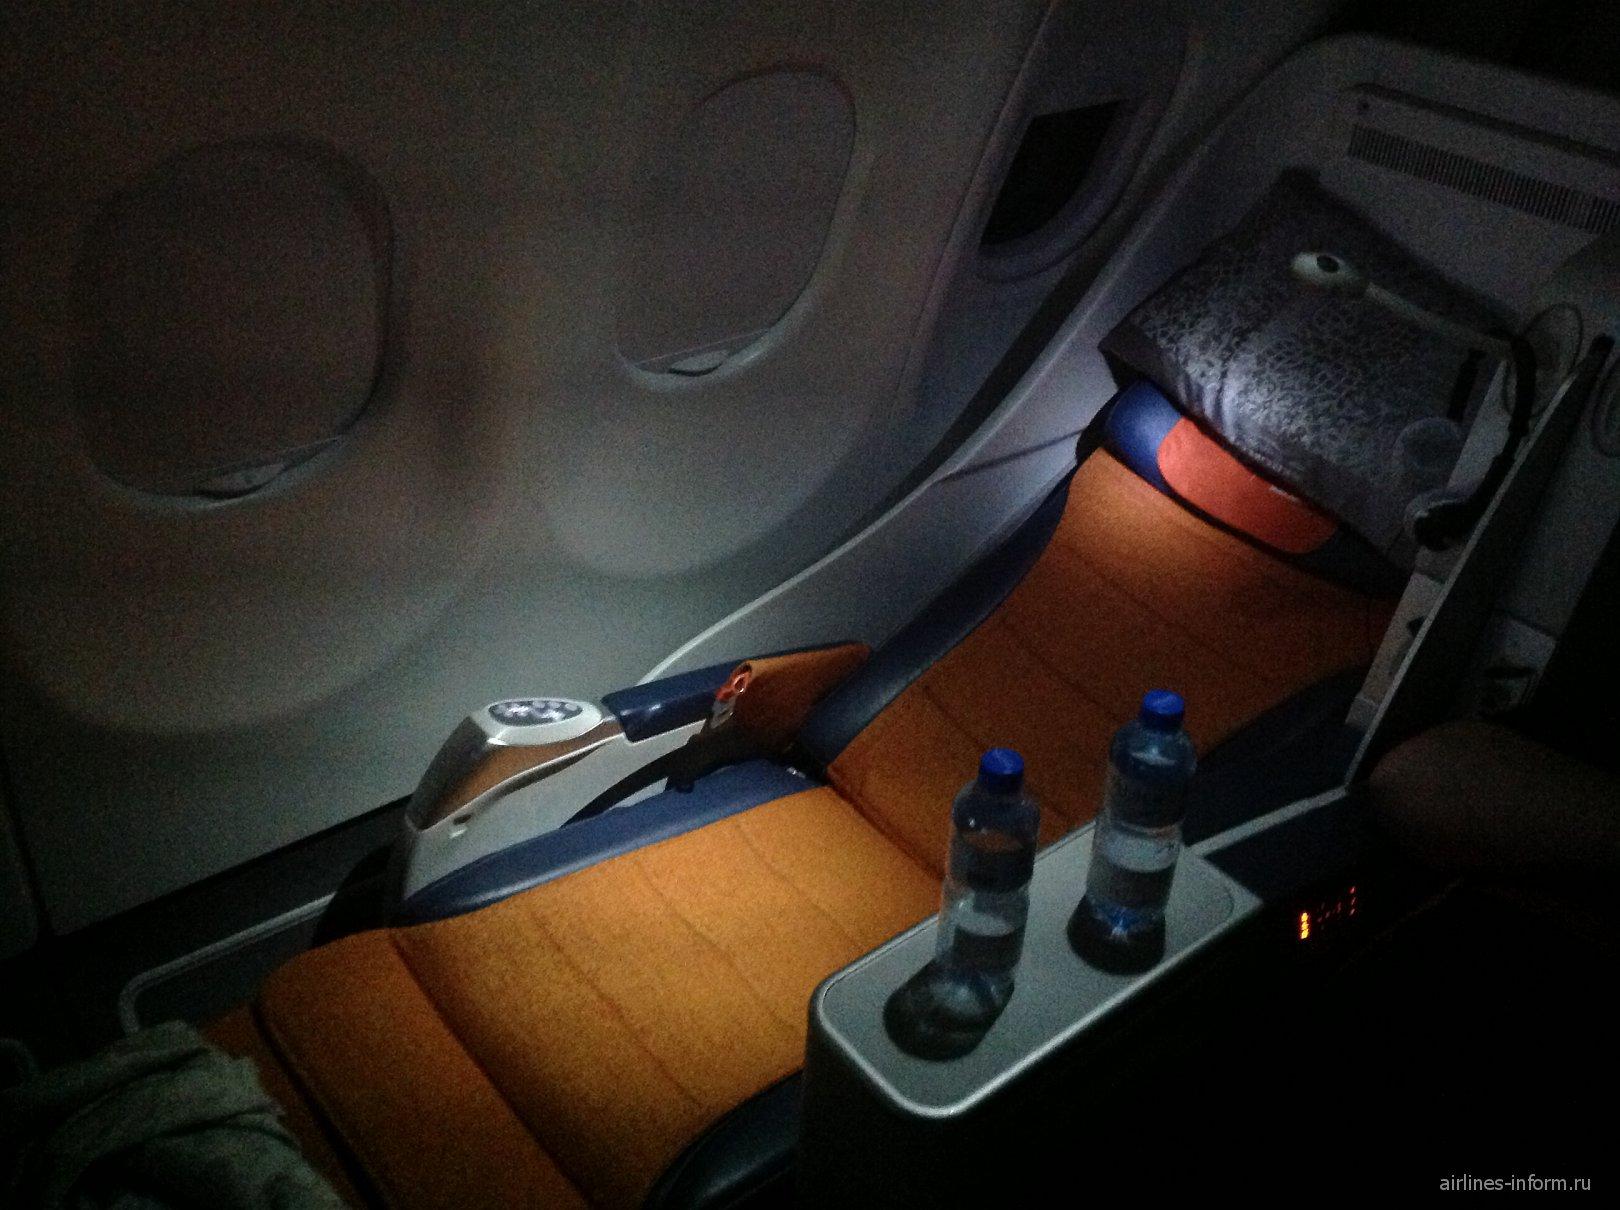 Кресло-кровать бизнес-класса в самолете Airbus A330-300 Аэрофлота